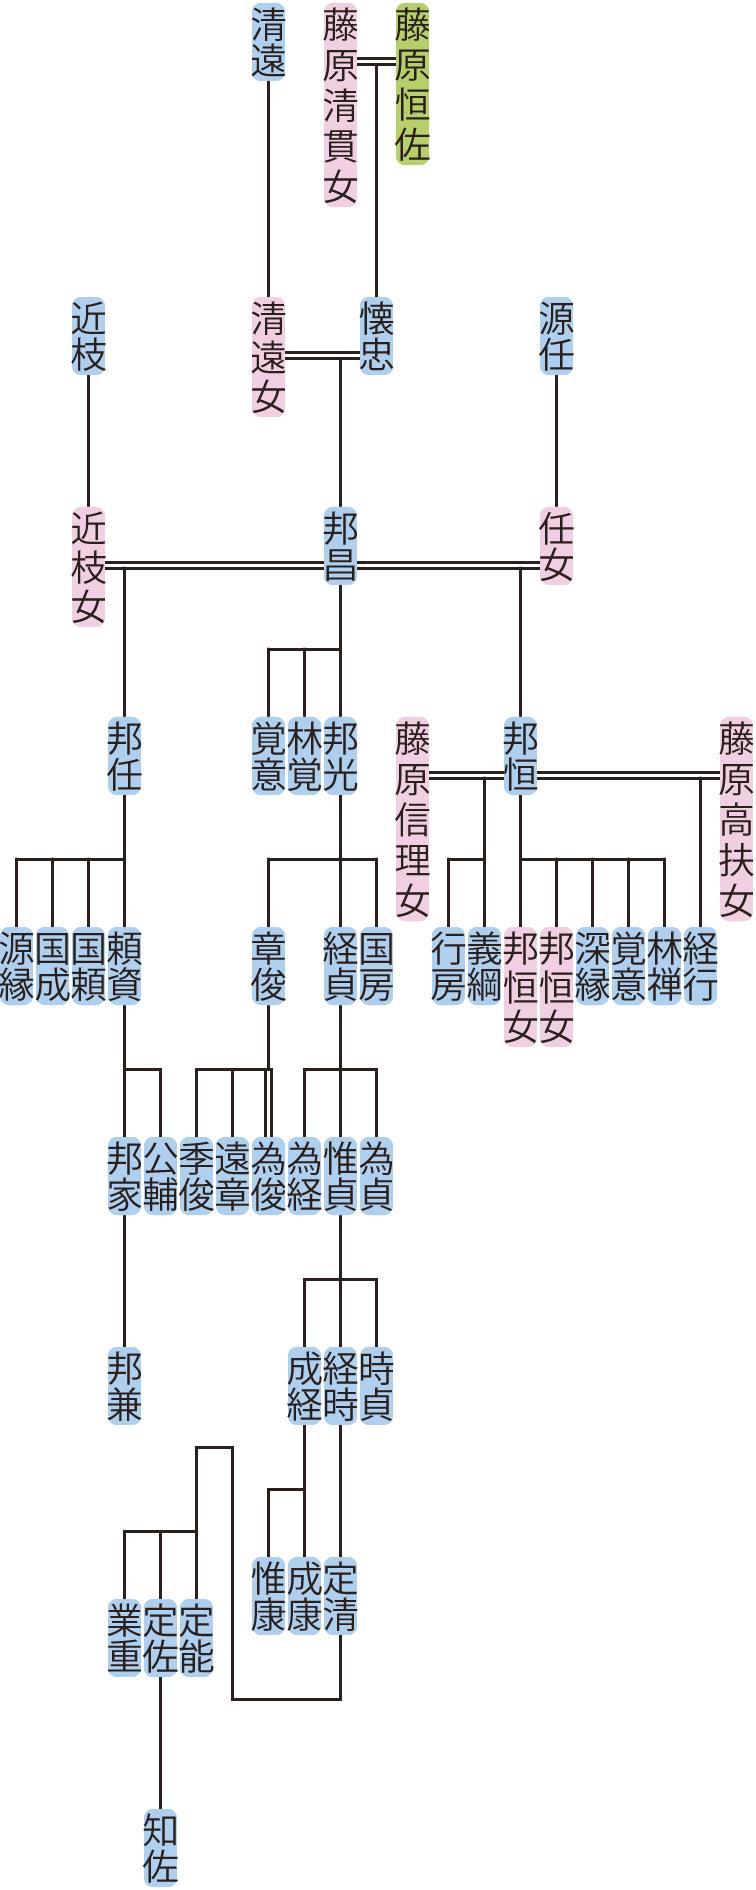 藤原邦昌の系図